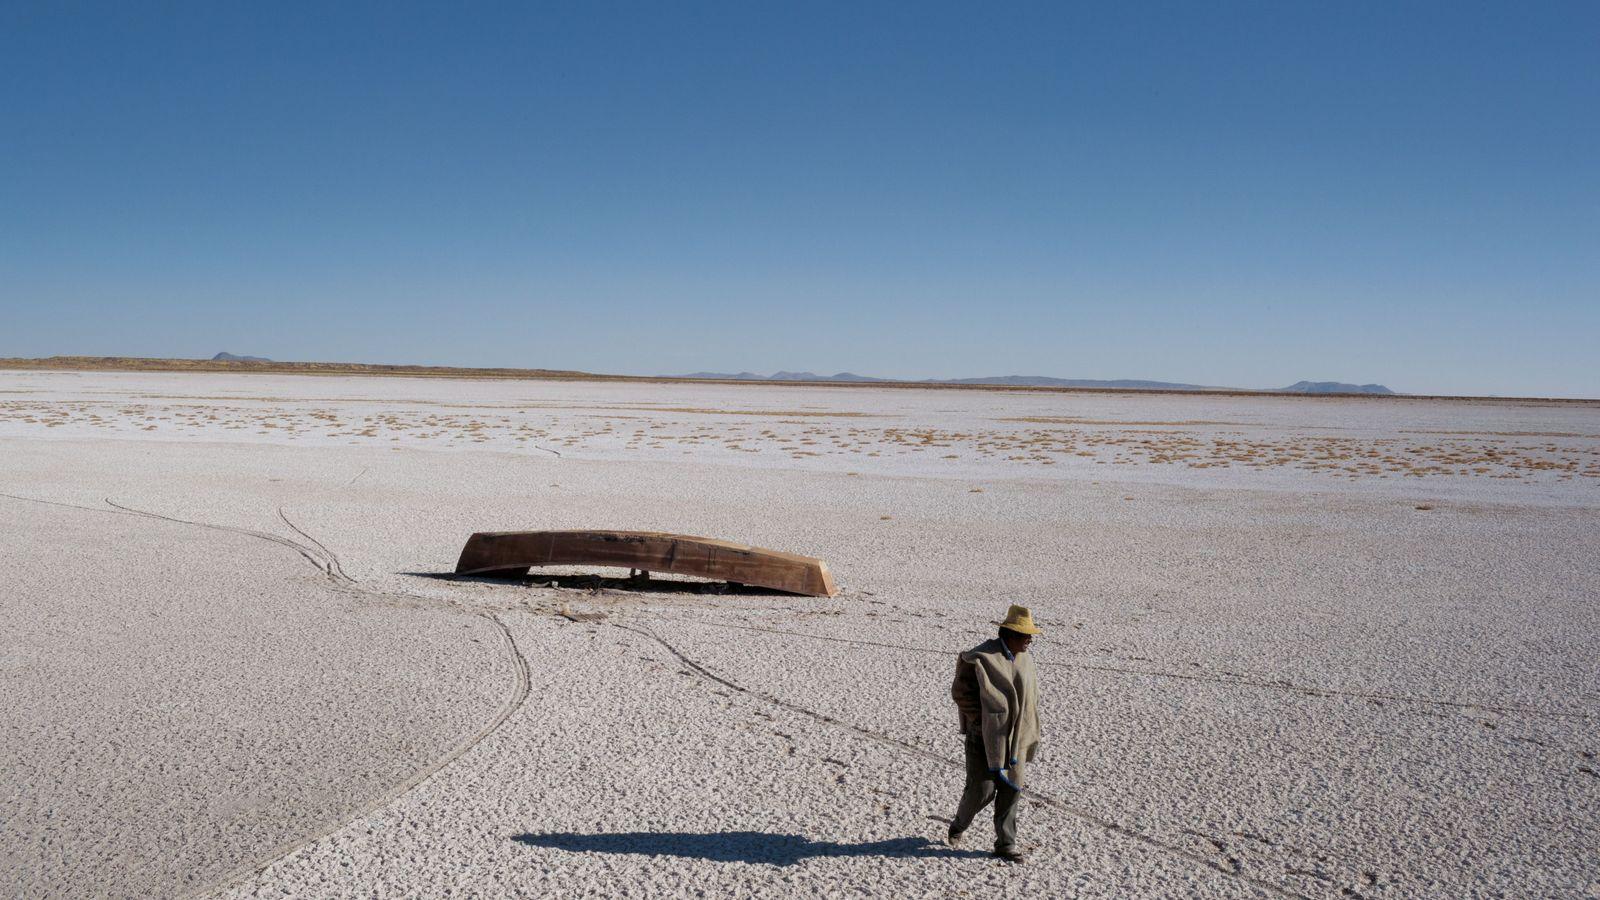 Le Poopó, en Bolivie, asséché et encroûté de sel s'étend au loin. Des bateaux sont abandonnés. ...